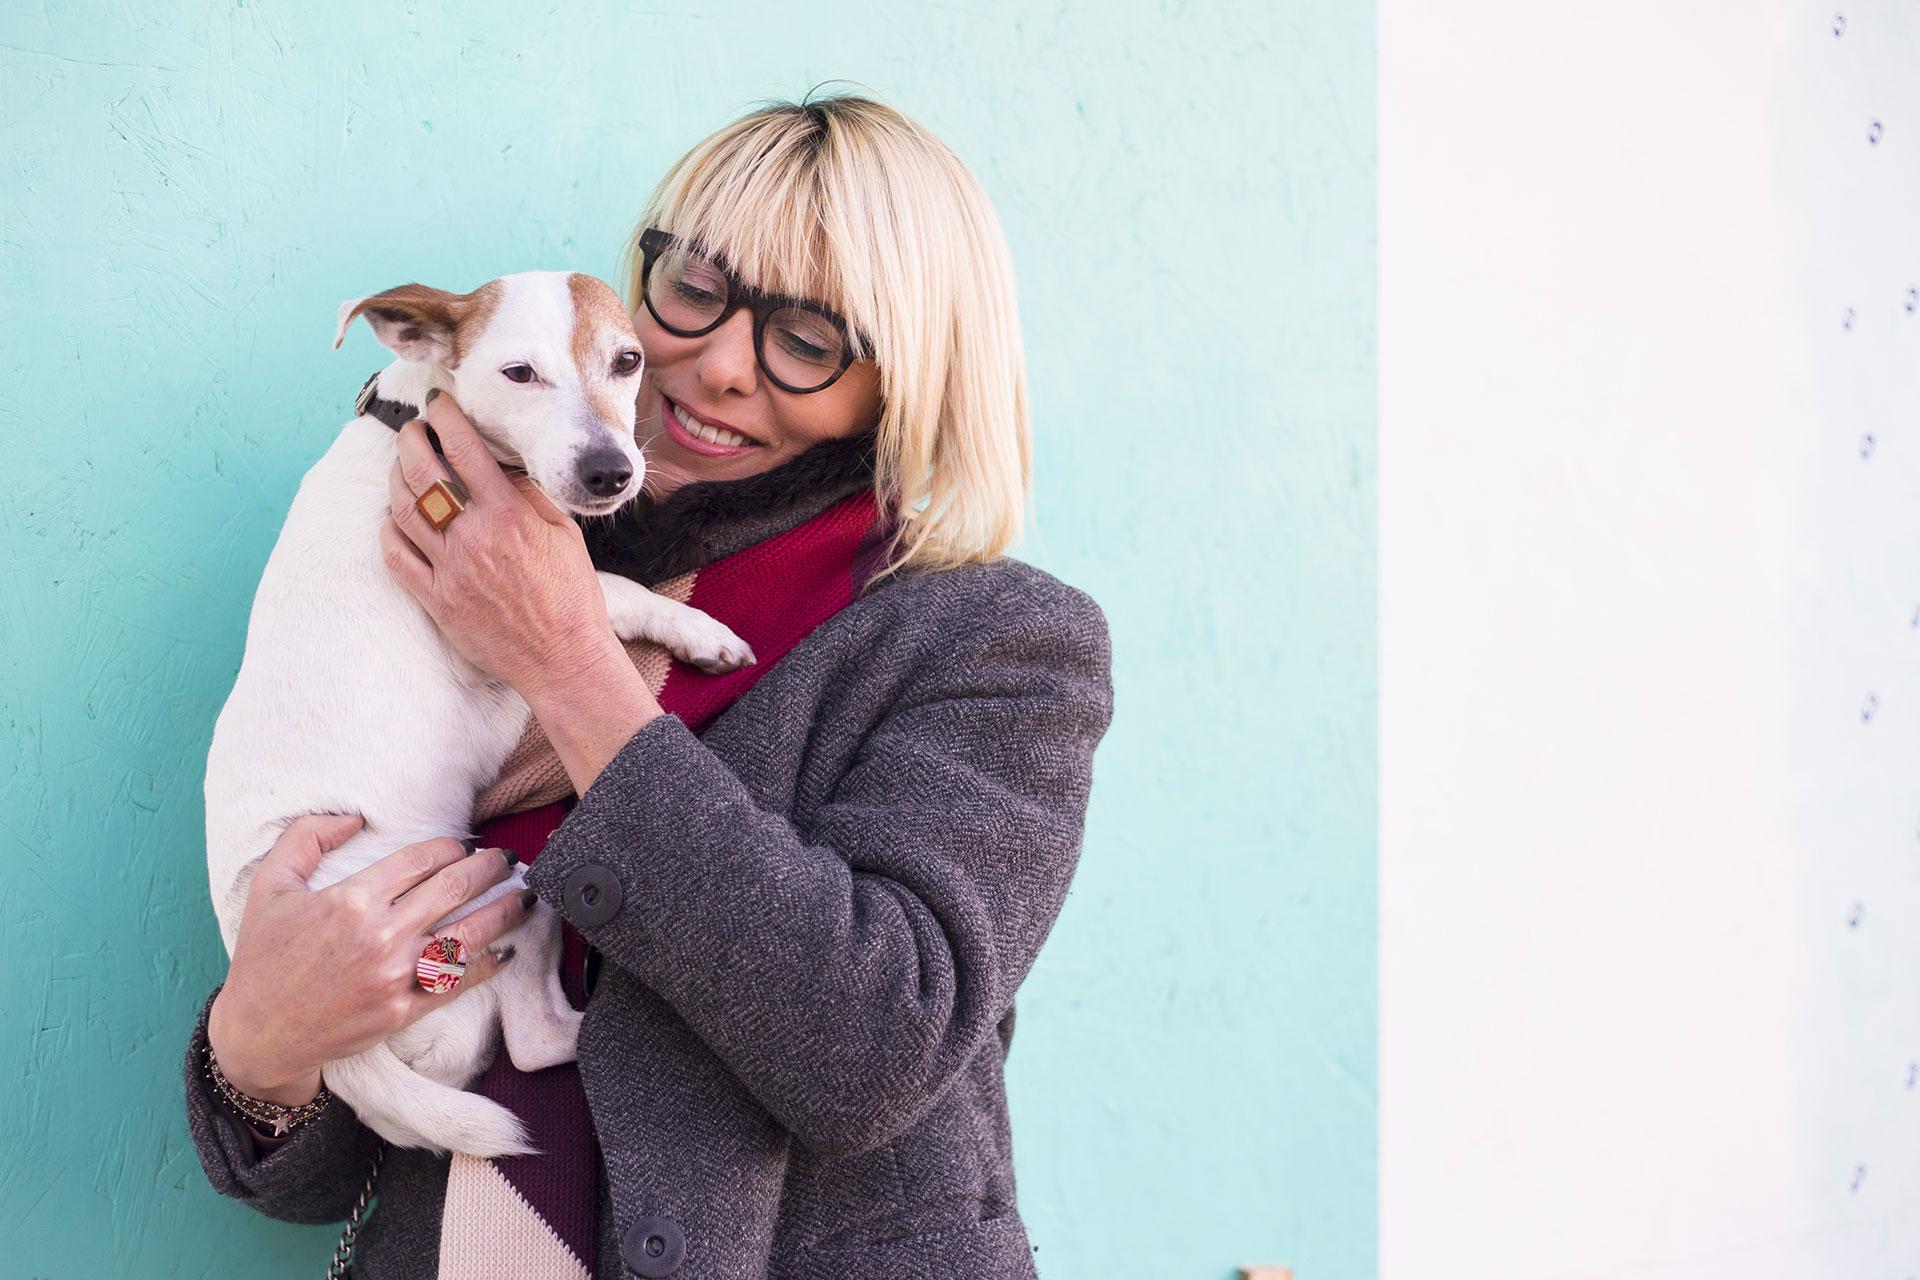 donna con in braccio il suo cane